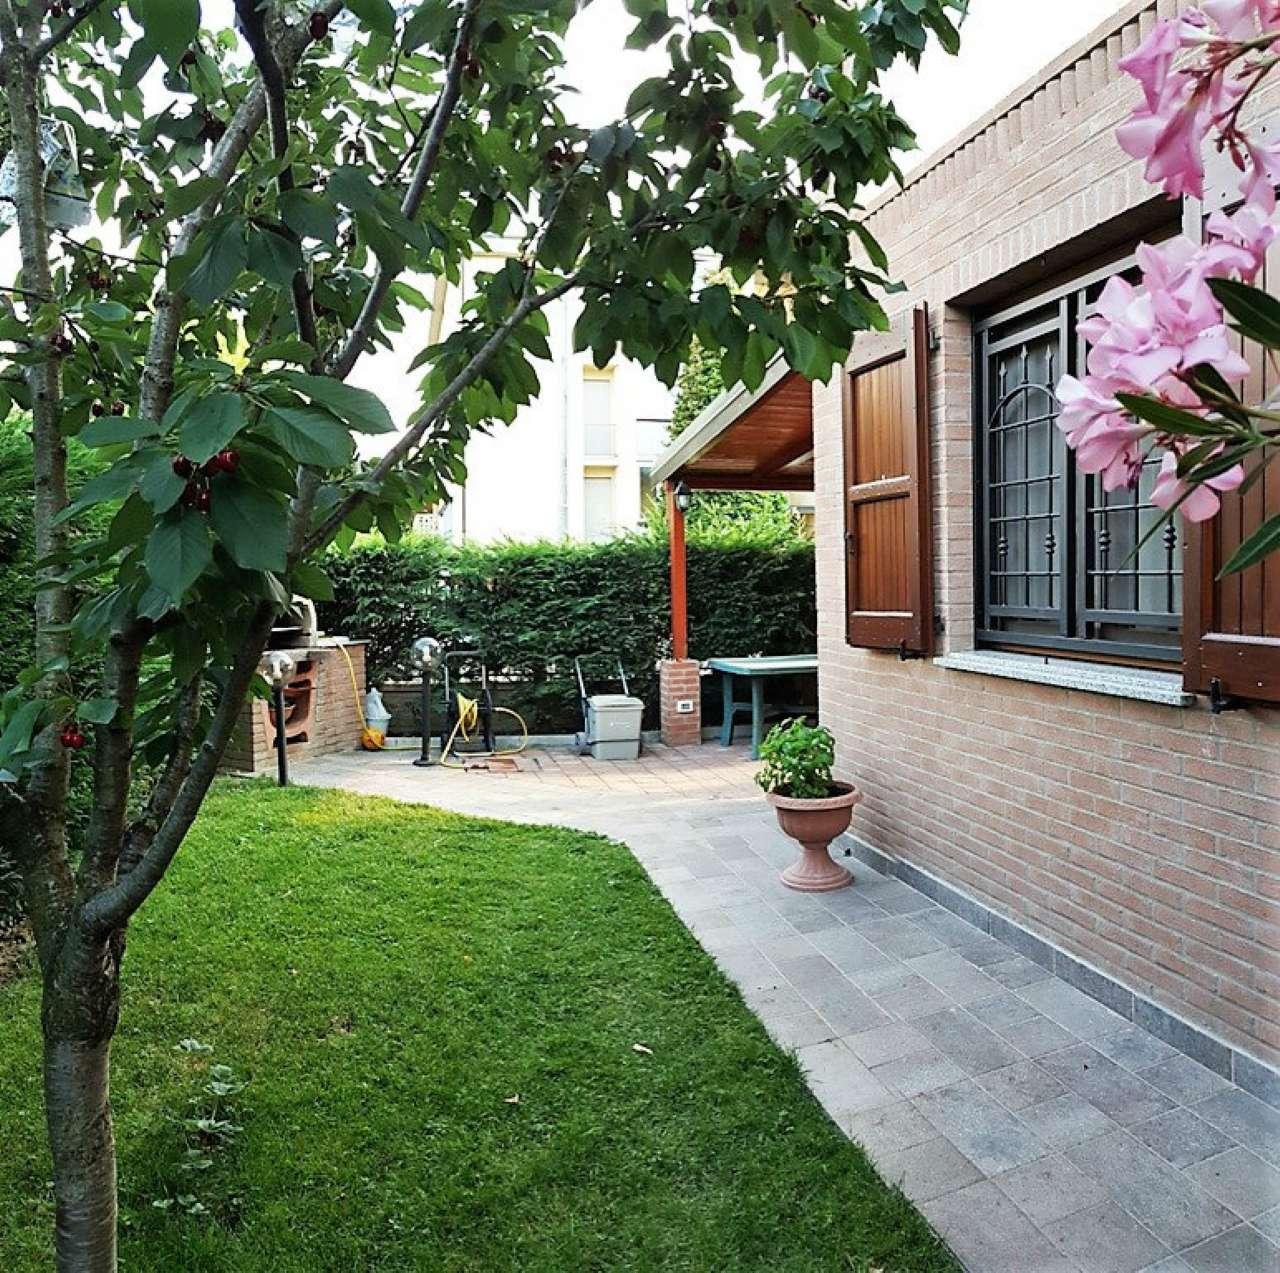 Appartamento in vendita a Castelfranco Emilia, 3 locali, prezzo € 158.000 | CambioCasa.it